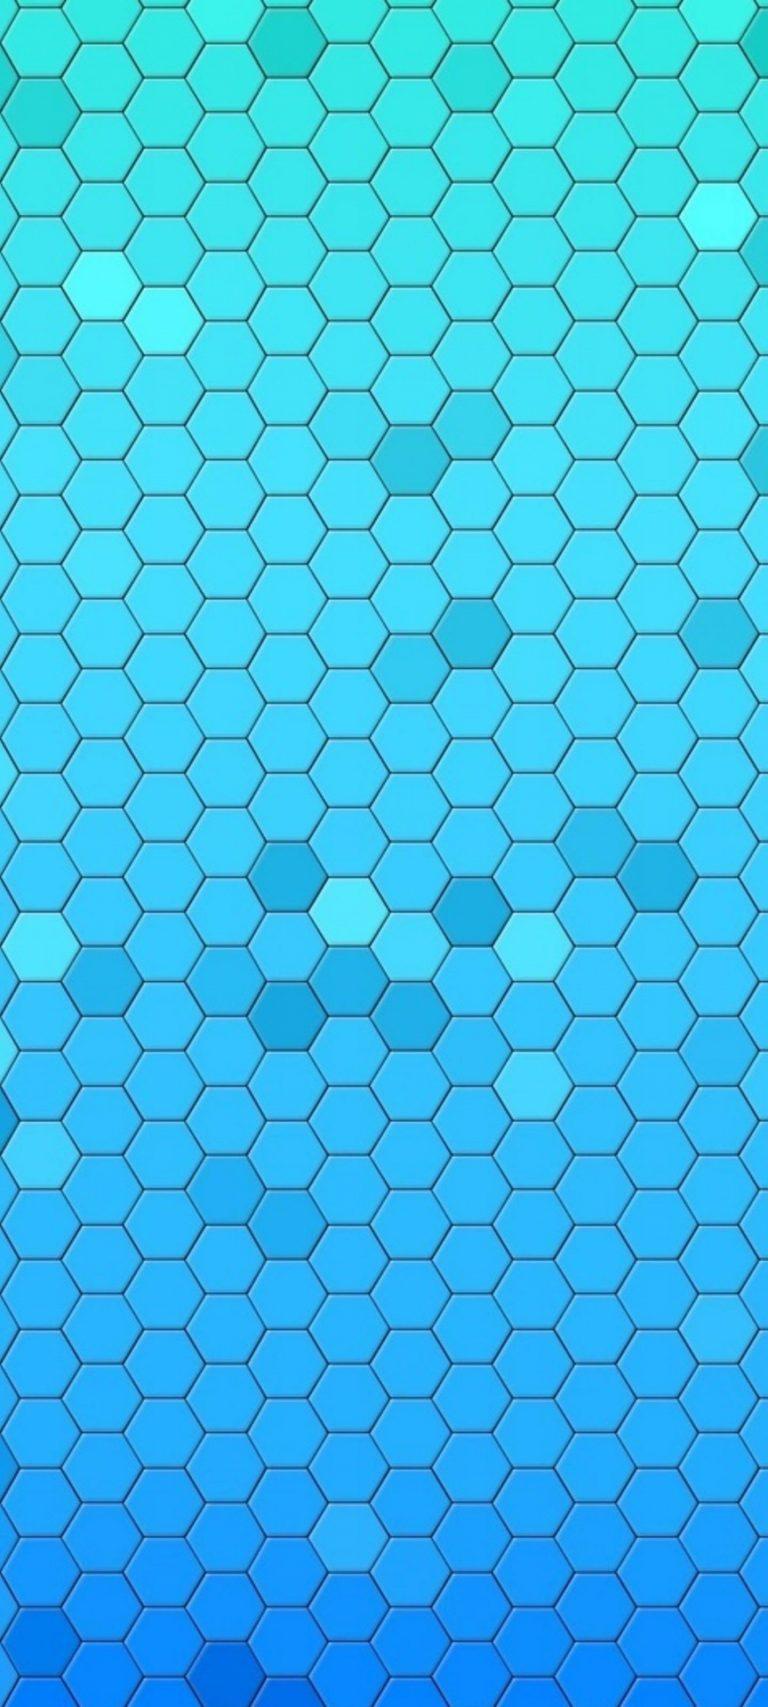 1440x3200 HD Wallpaper 7 768x1707 - 1440x3200 HD Wallpaper - 7